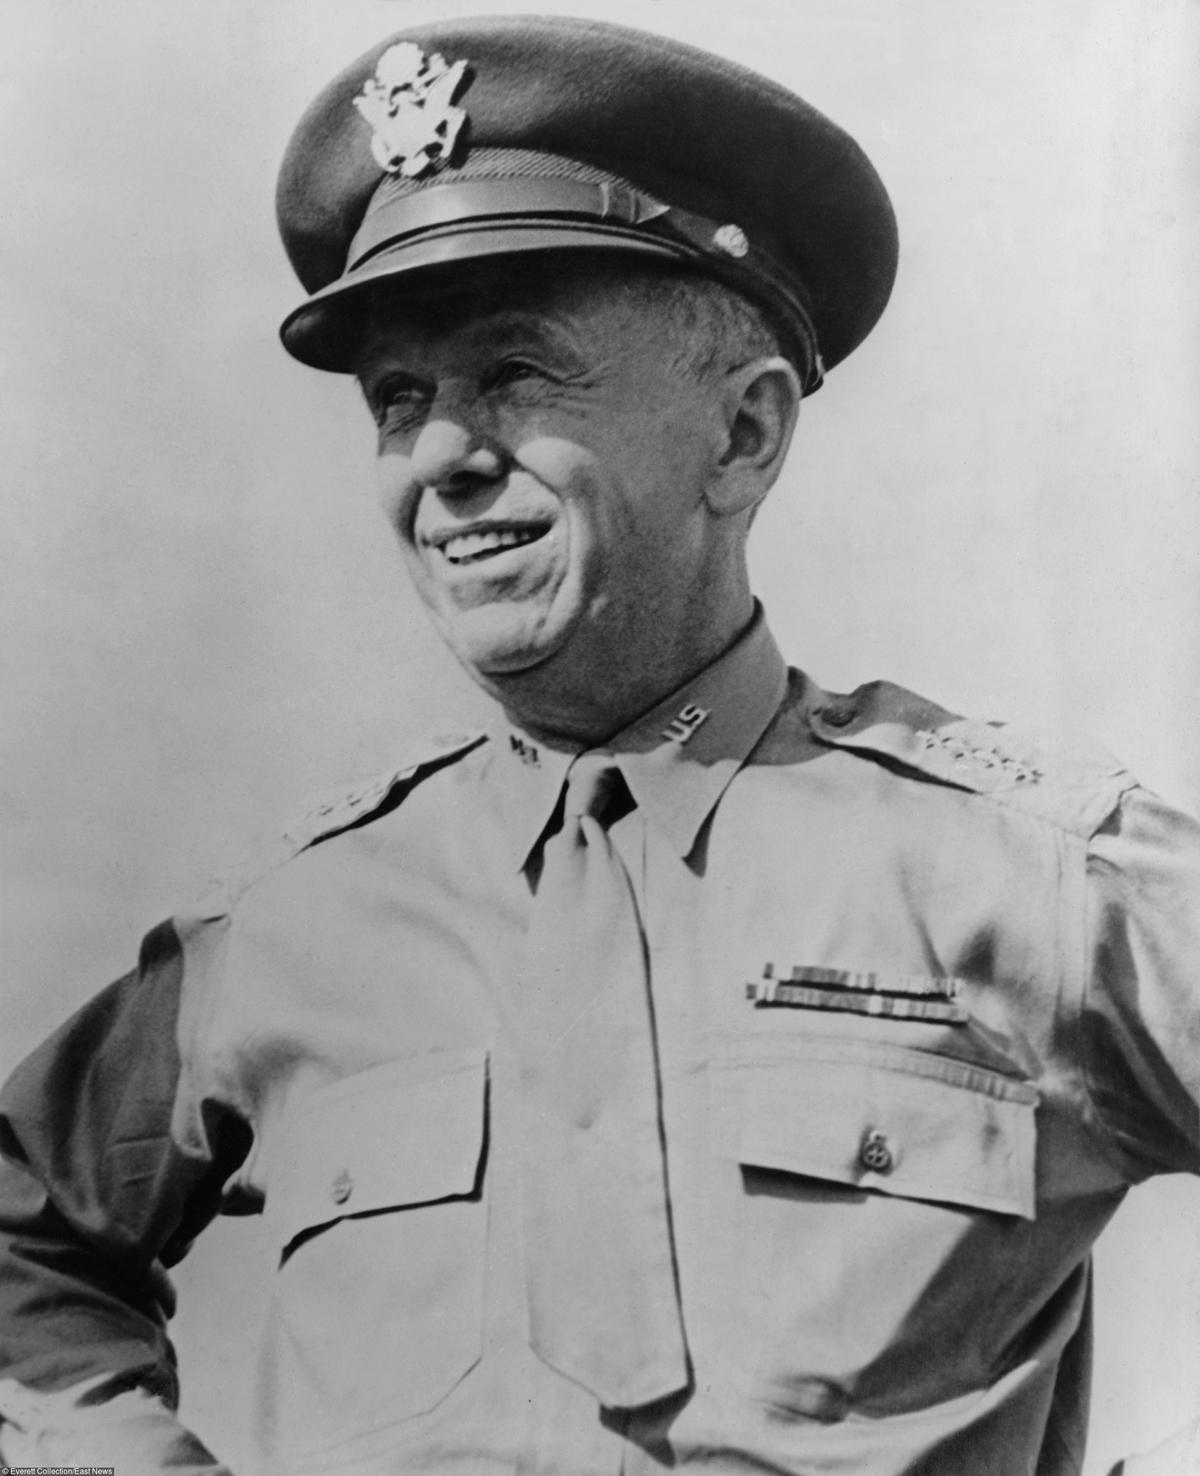 Генерал Джордж Маршалл. Во время Второй мировой войны он возглавлял Генеральный штаб Вооруженных сил СШАФото: EVERETT COLLECTION/EAST NEWS